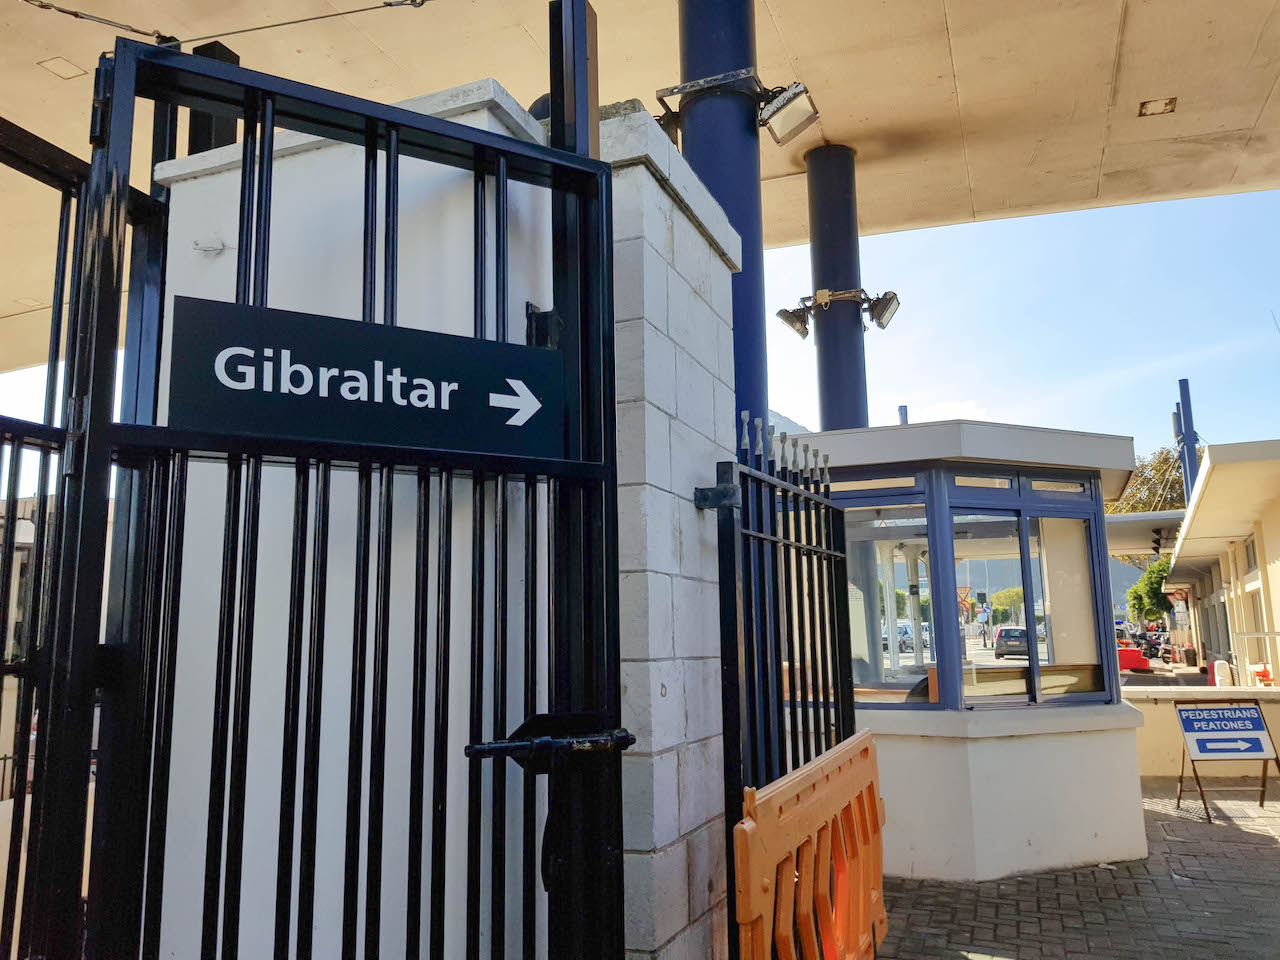 Grenzübergang von Spanien nach Gibraltar.